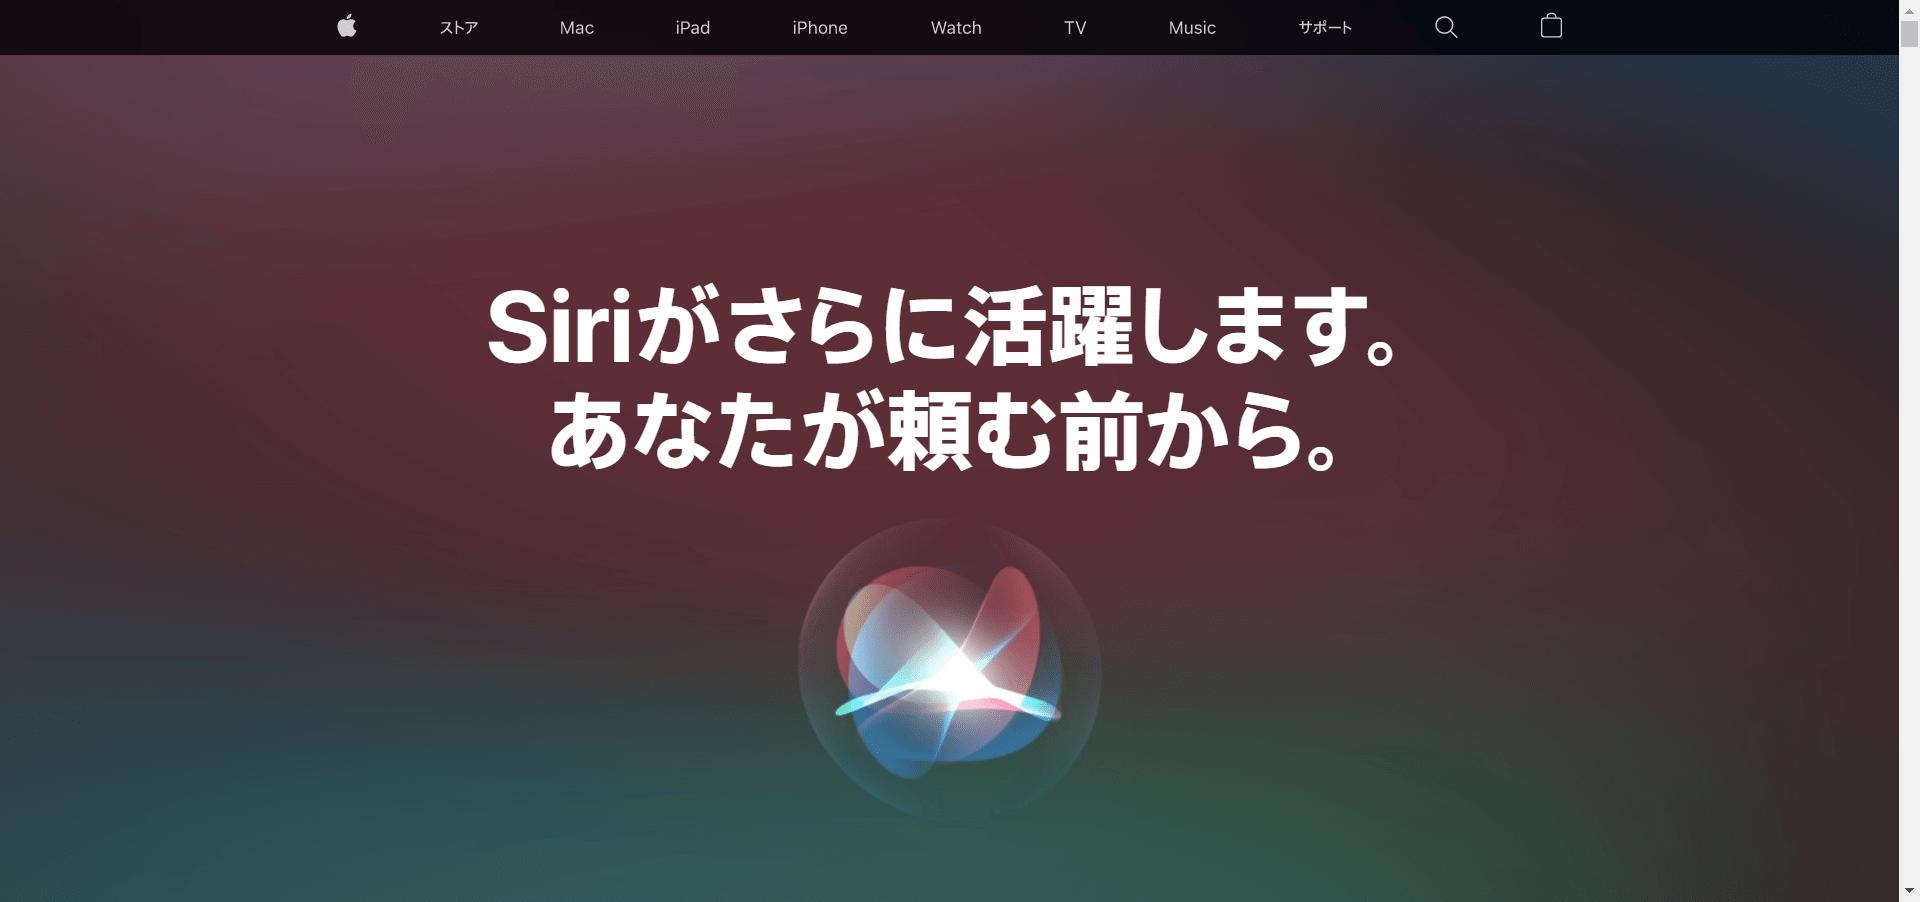 ●Apple Siri